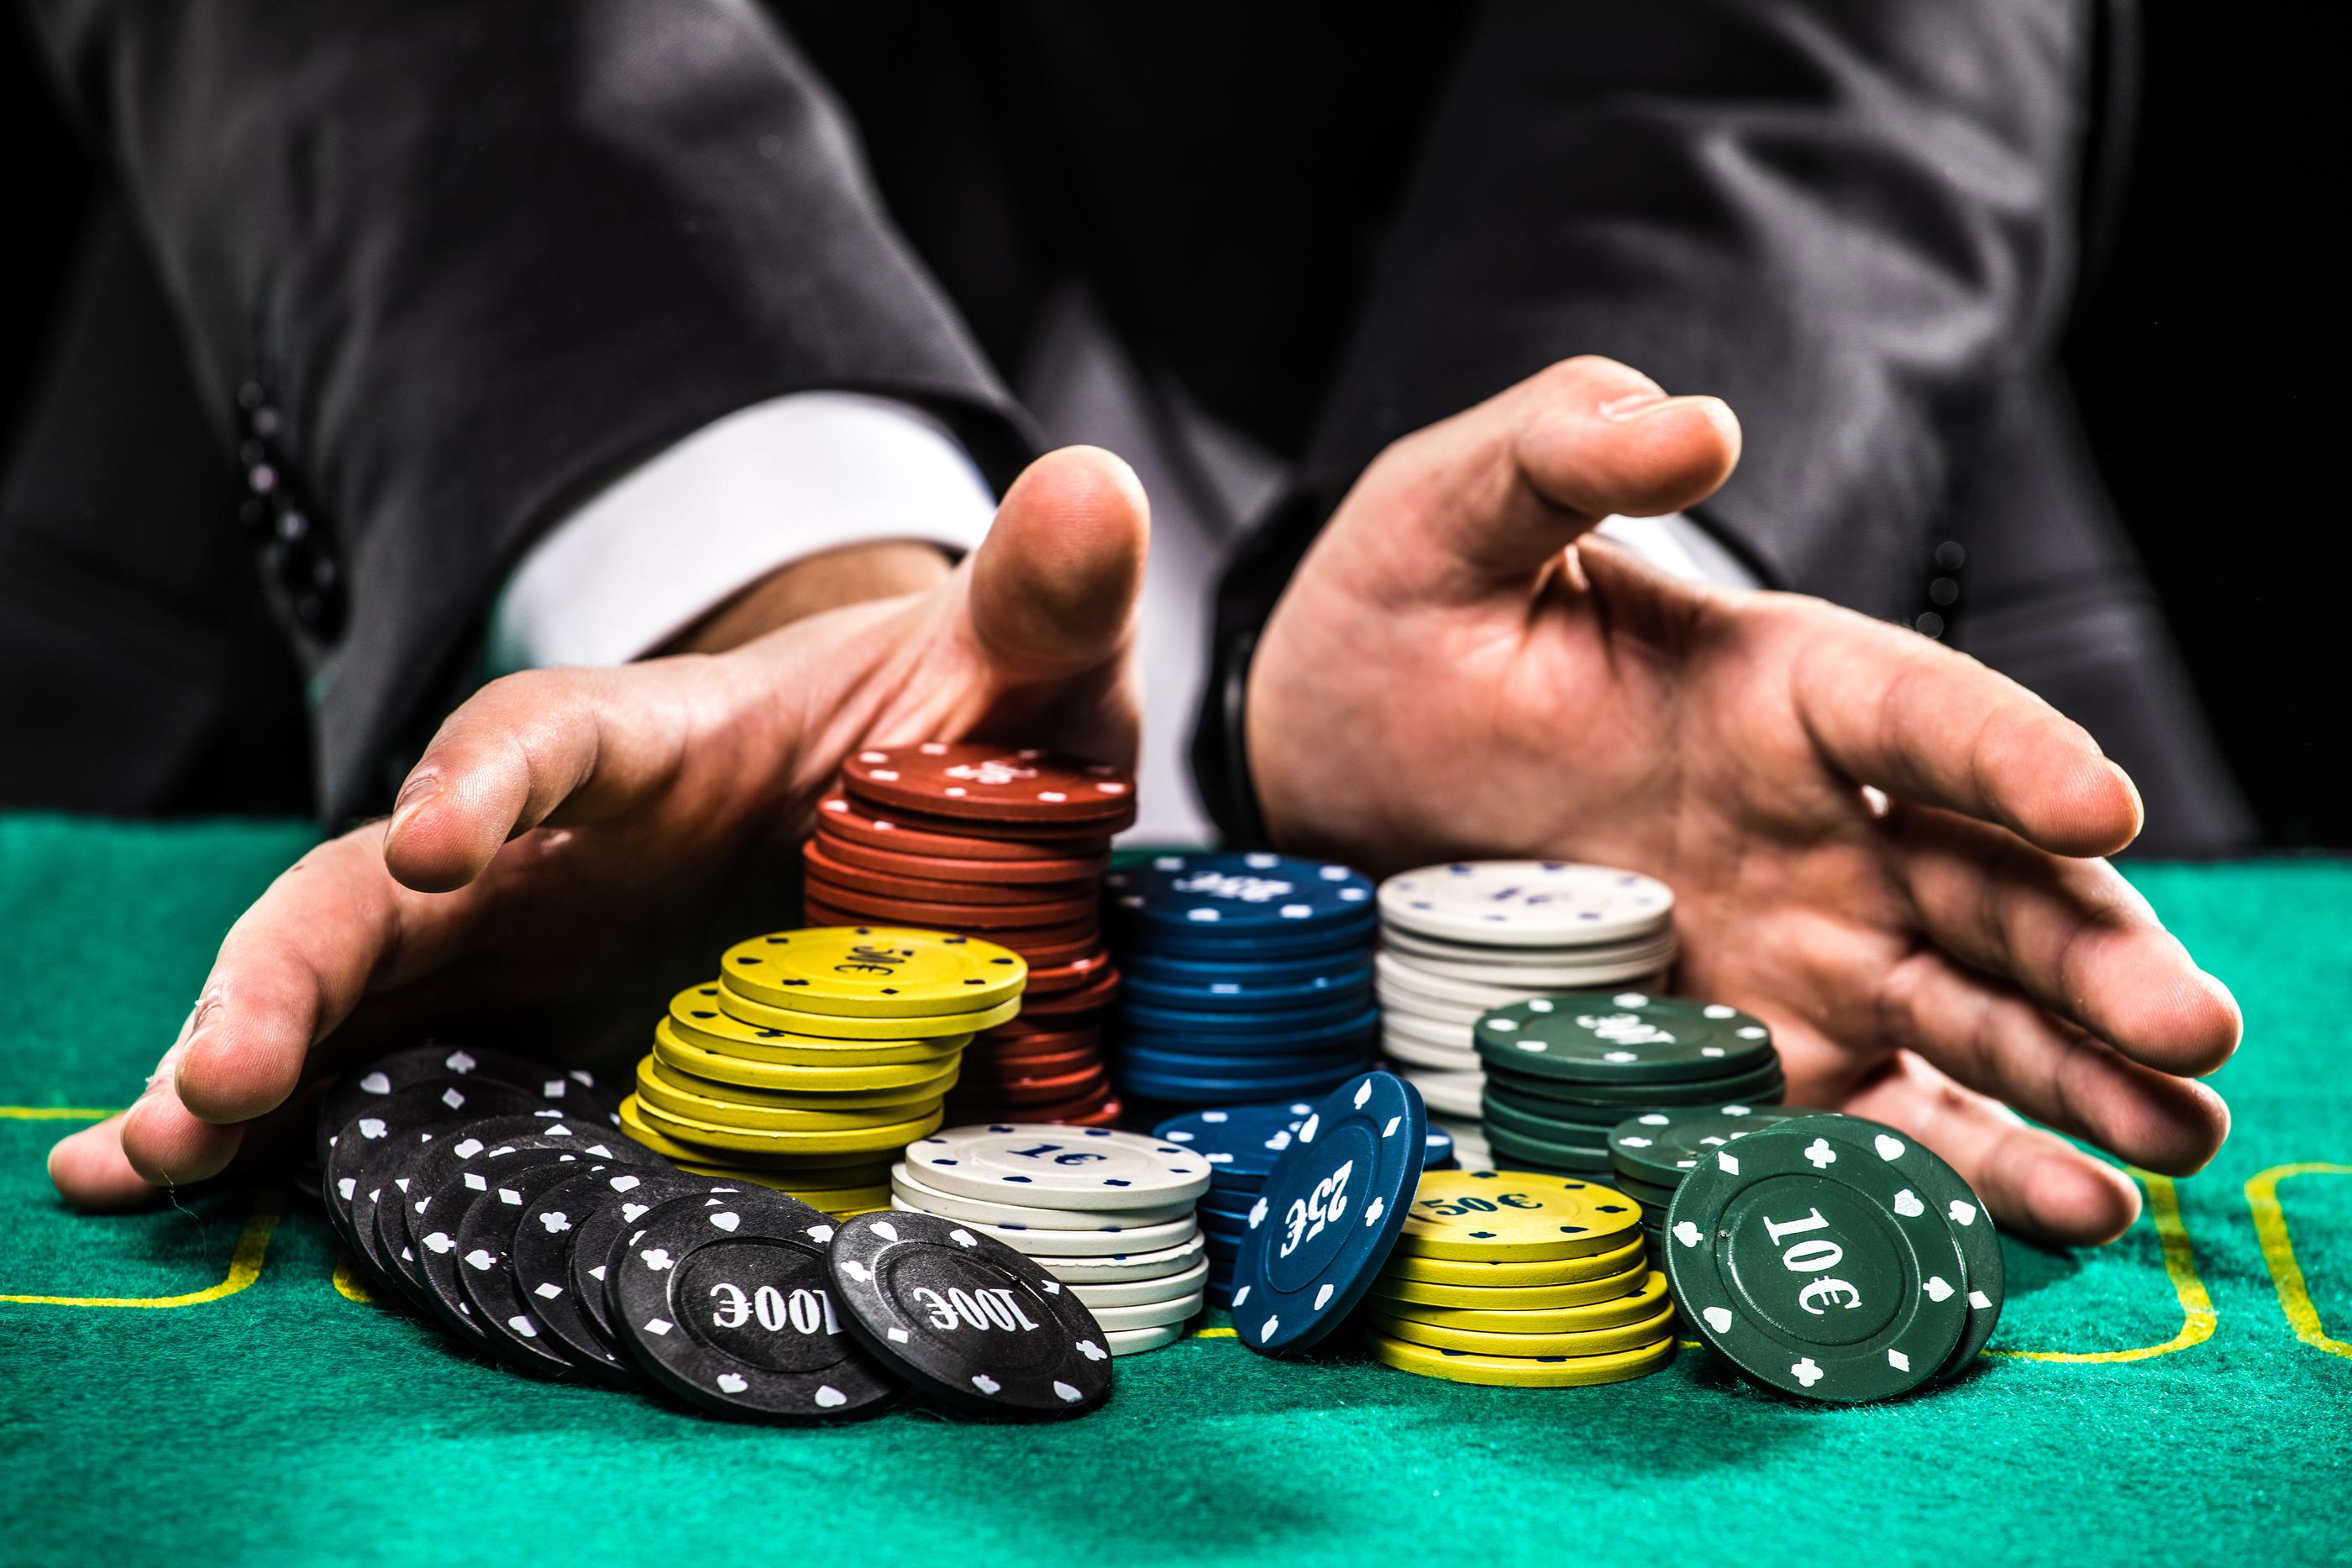 十大層次的博彩賭博者 1